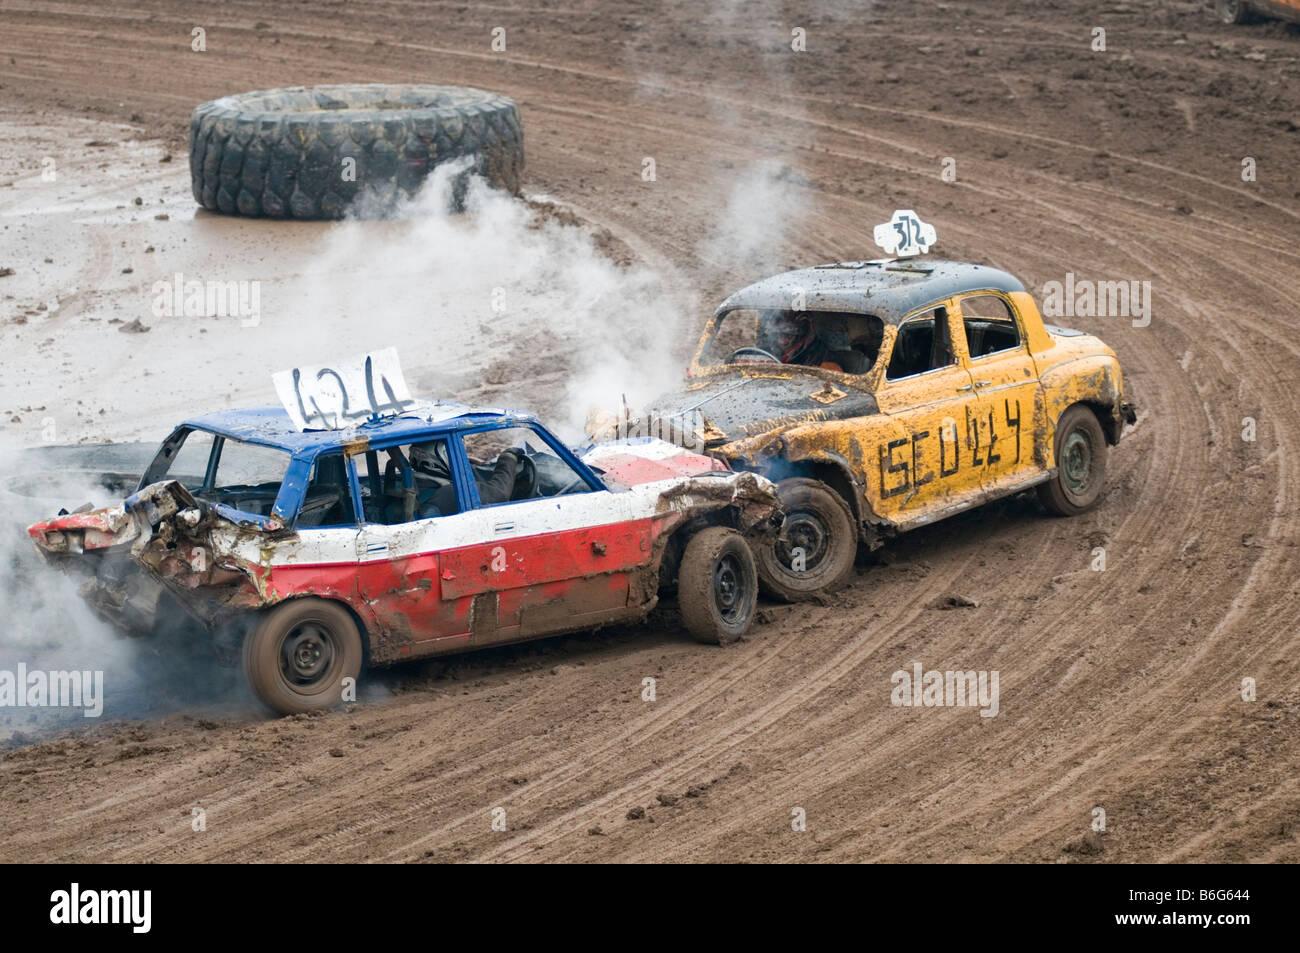 banger racing stock car cars demolition destruction derby crash ...